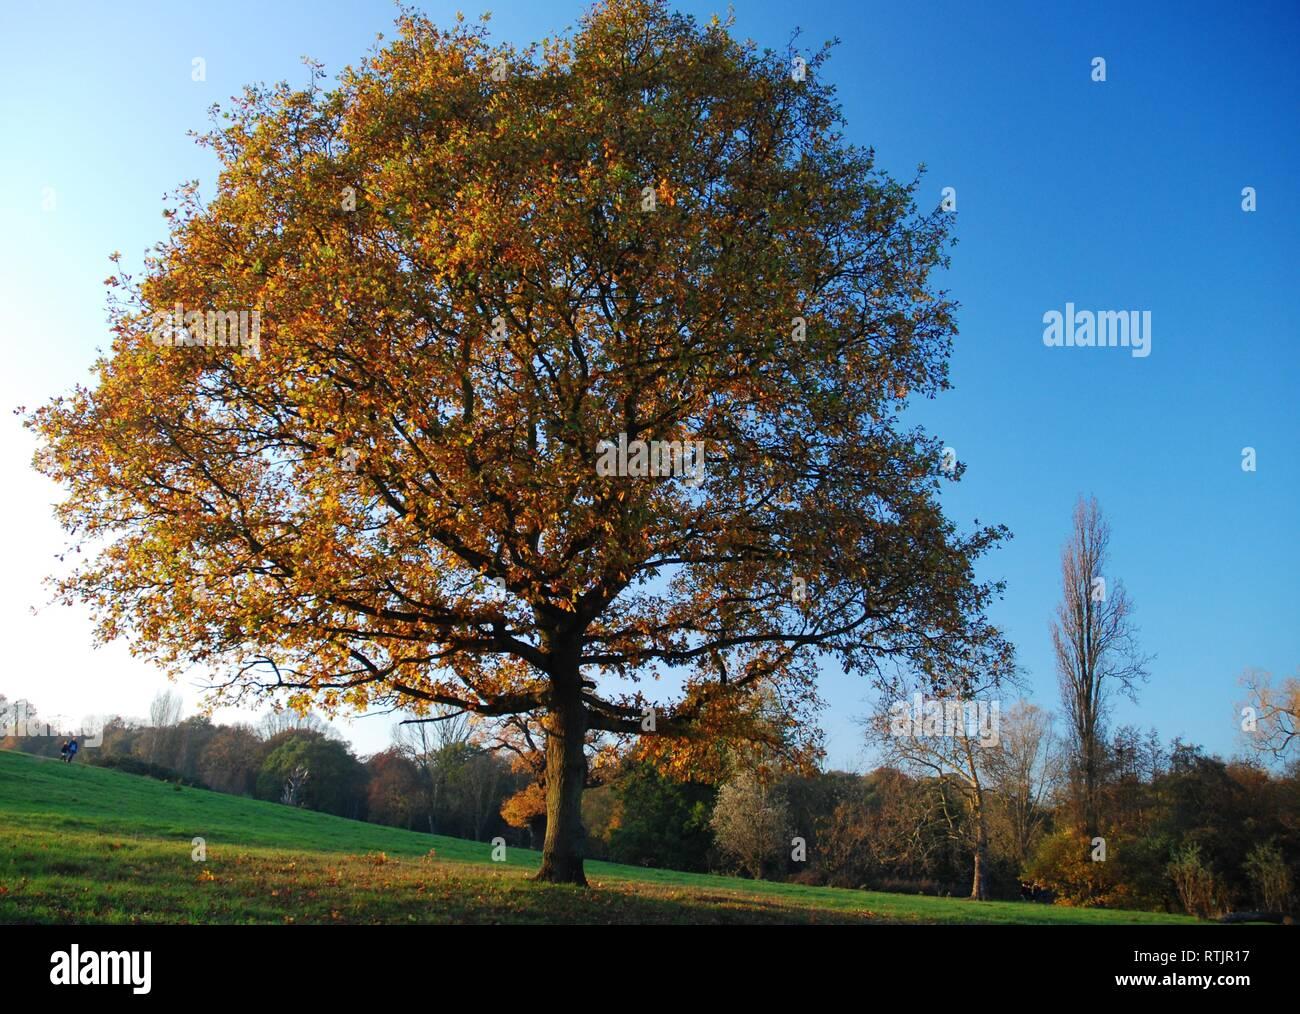 Autumn tree in Hampstead Heath - Stock Image